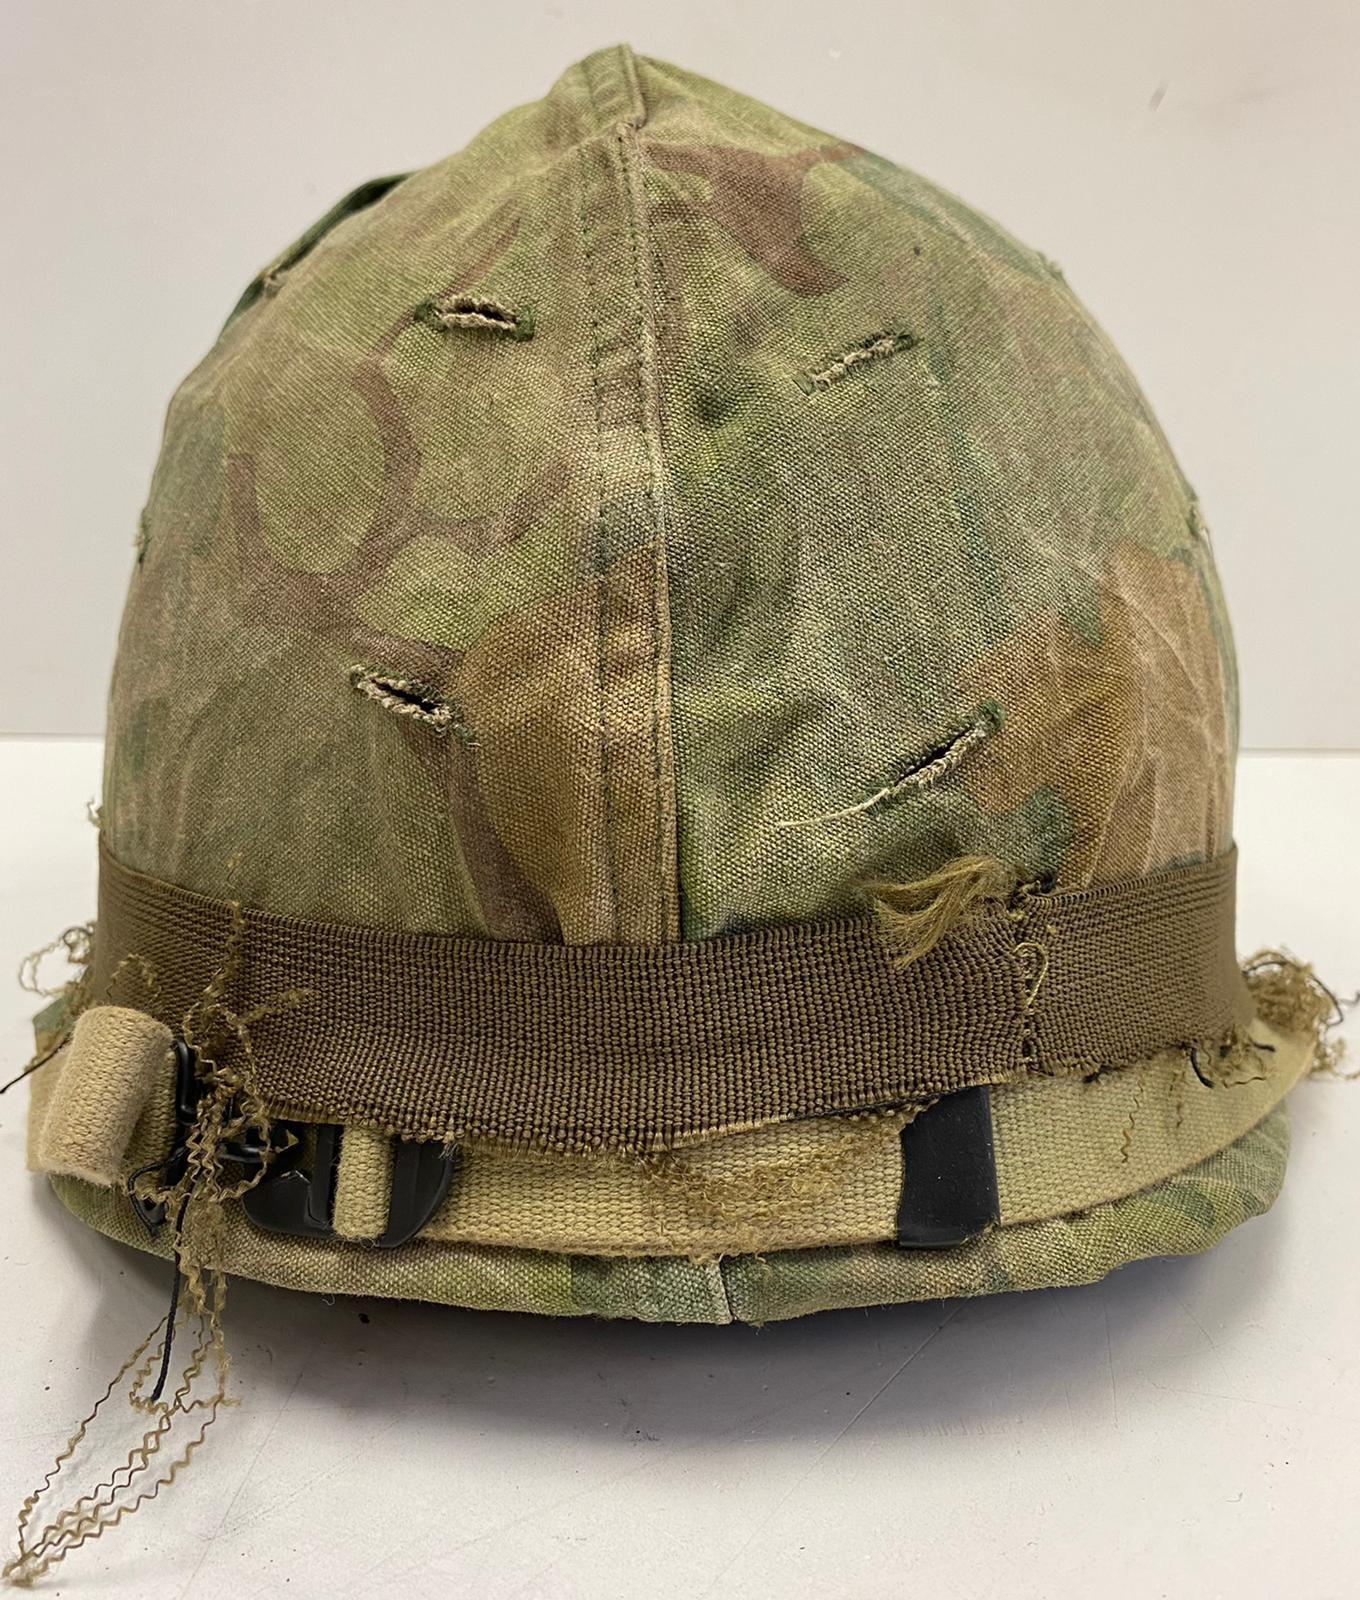 Vietnam War Era U.S.M.C Helmet. The Mitchel-Duck Hunter Reversible Helmet Cover is marked inside ? - Image 2 of 5